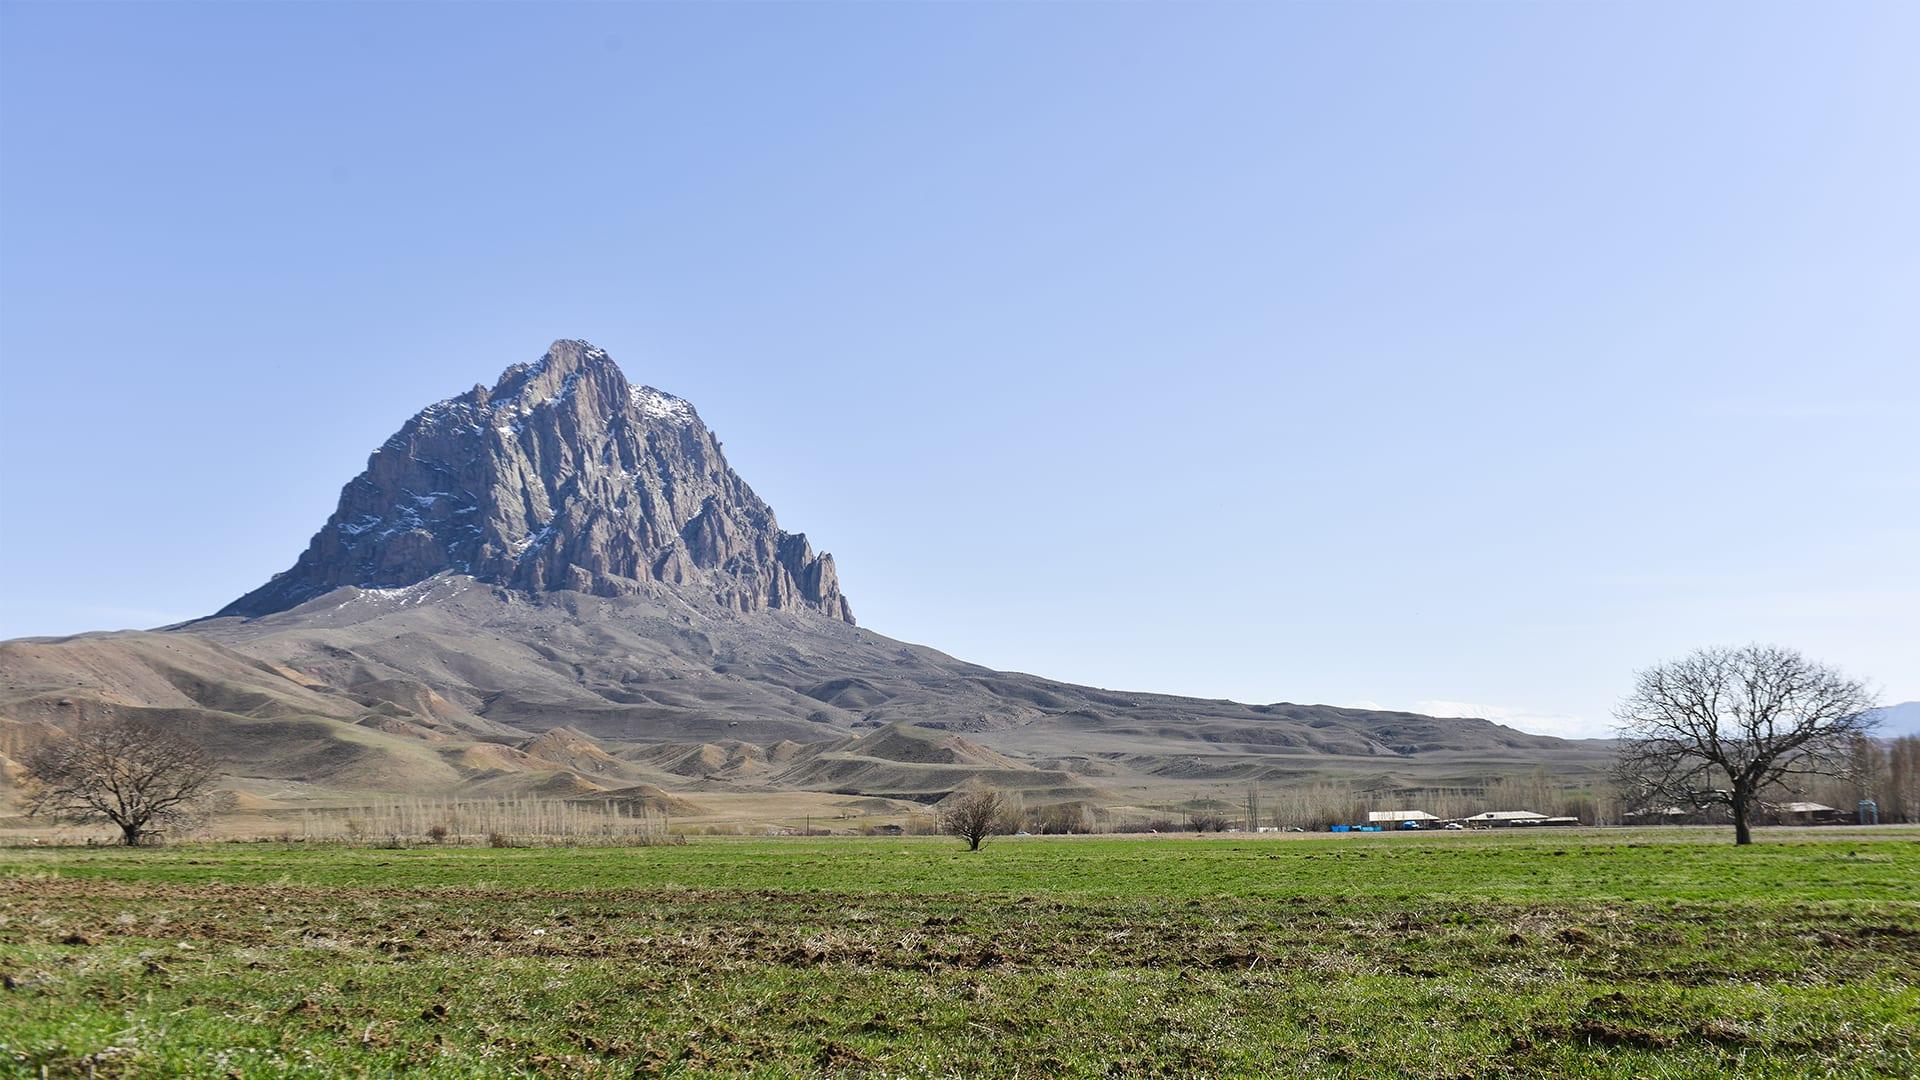 بأذربيجان.. جبل أسطوري تحطمت قمته إلى نصفين بسبب سفينة نوح